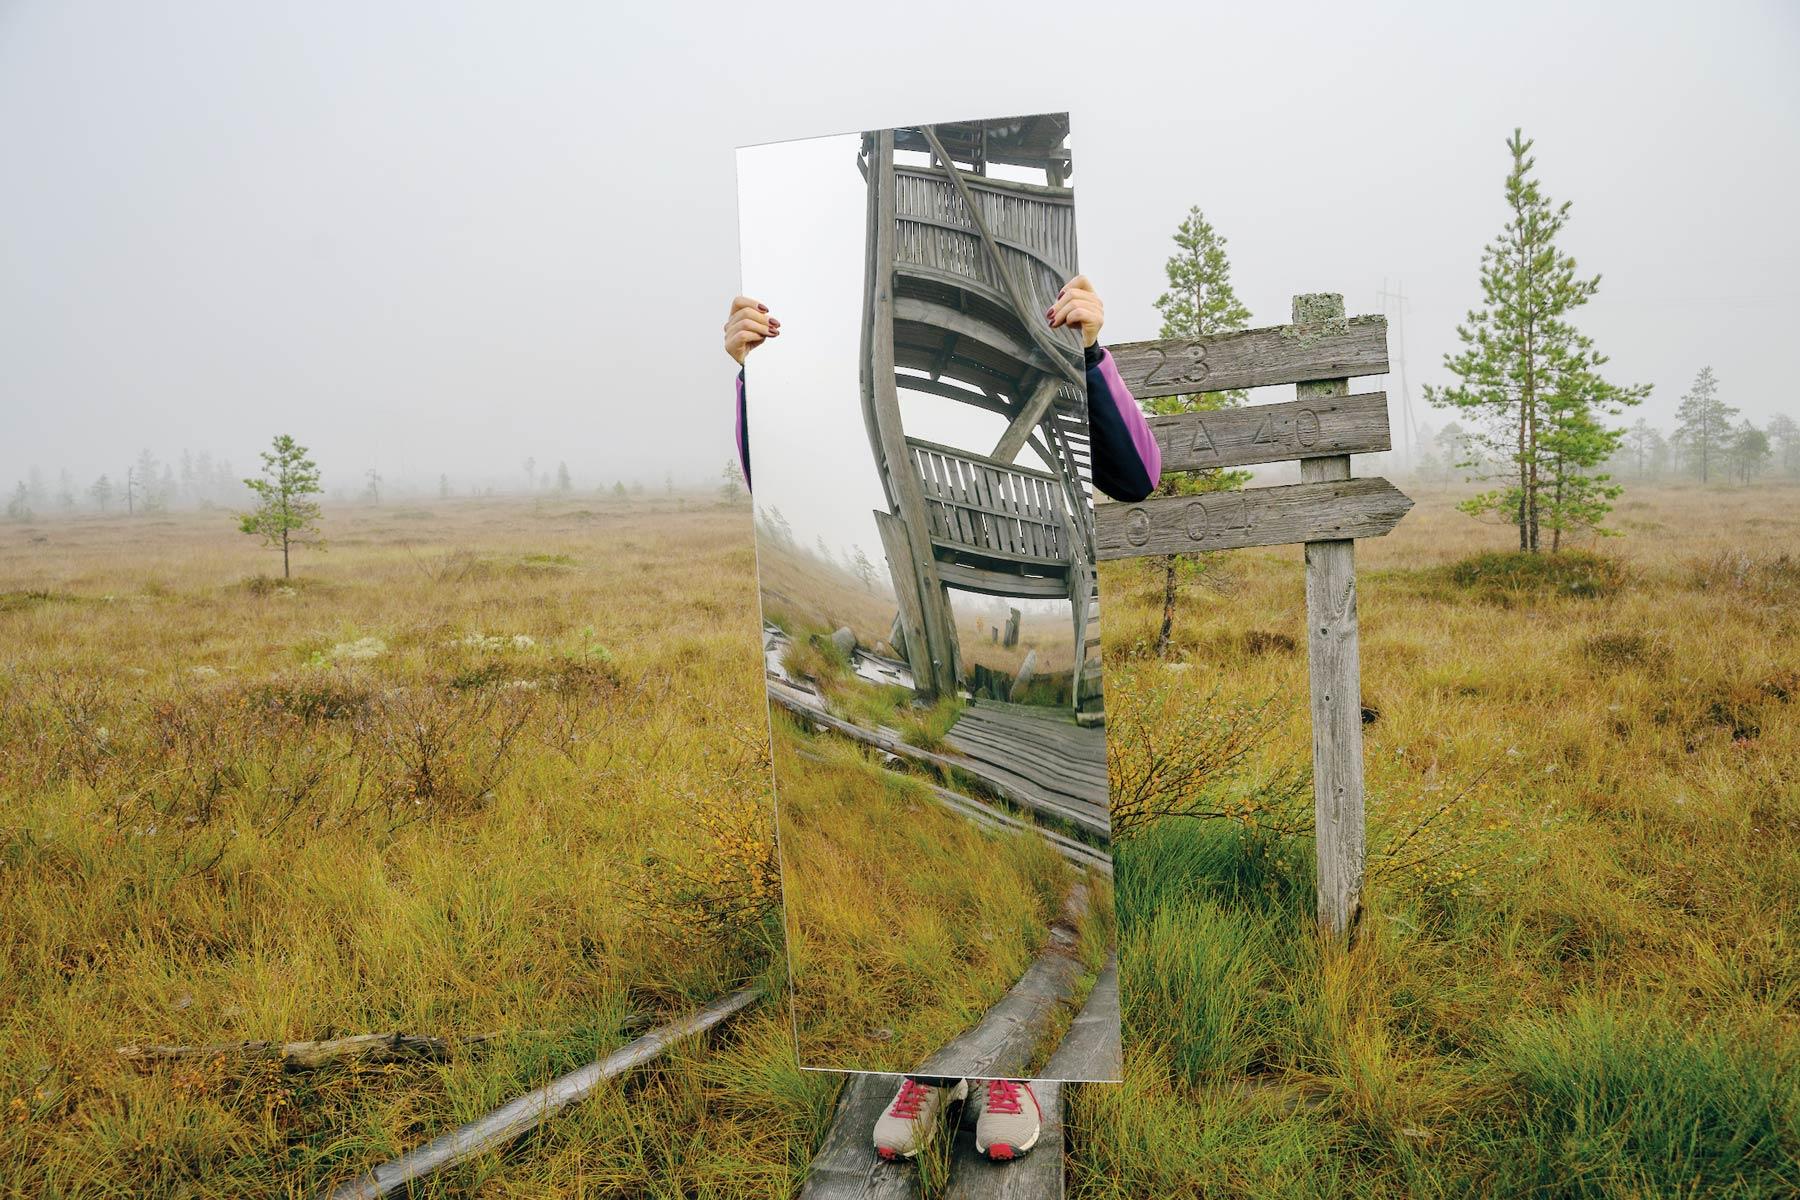 Matthew Cowan on etsinyt näyttelyään varten paikallisten opastamana villiyttä muun muassa Paukanevalta.